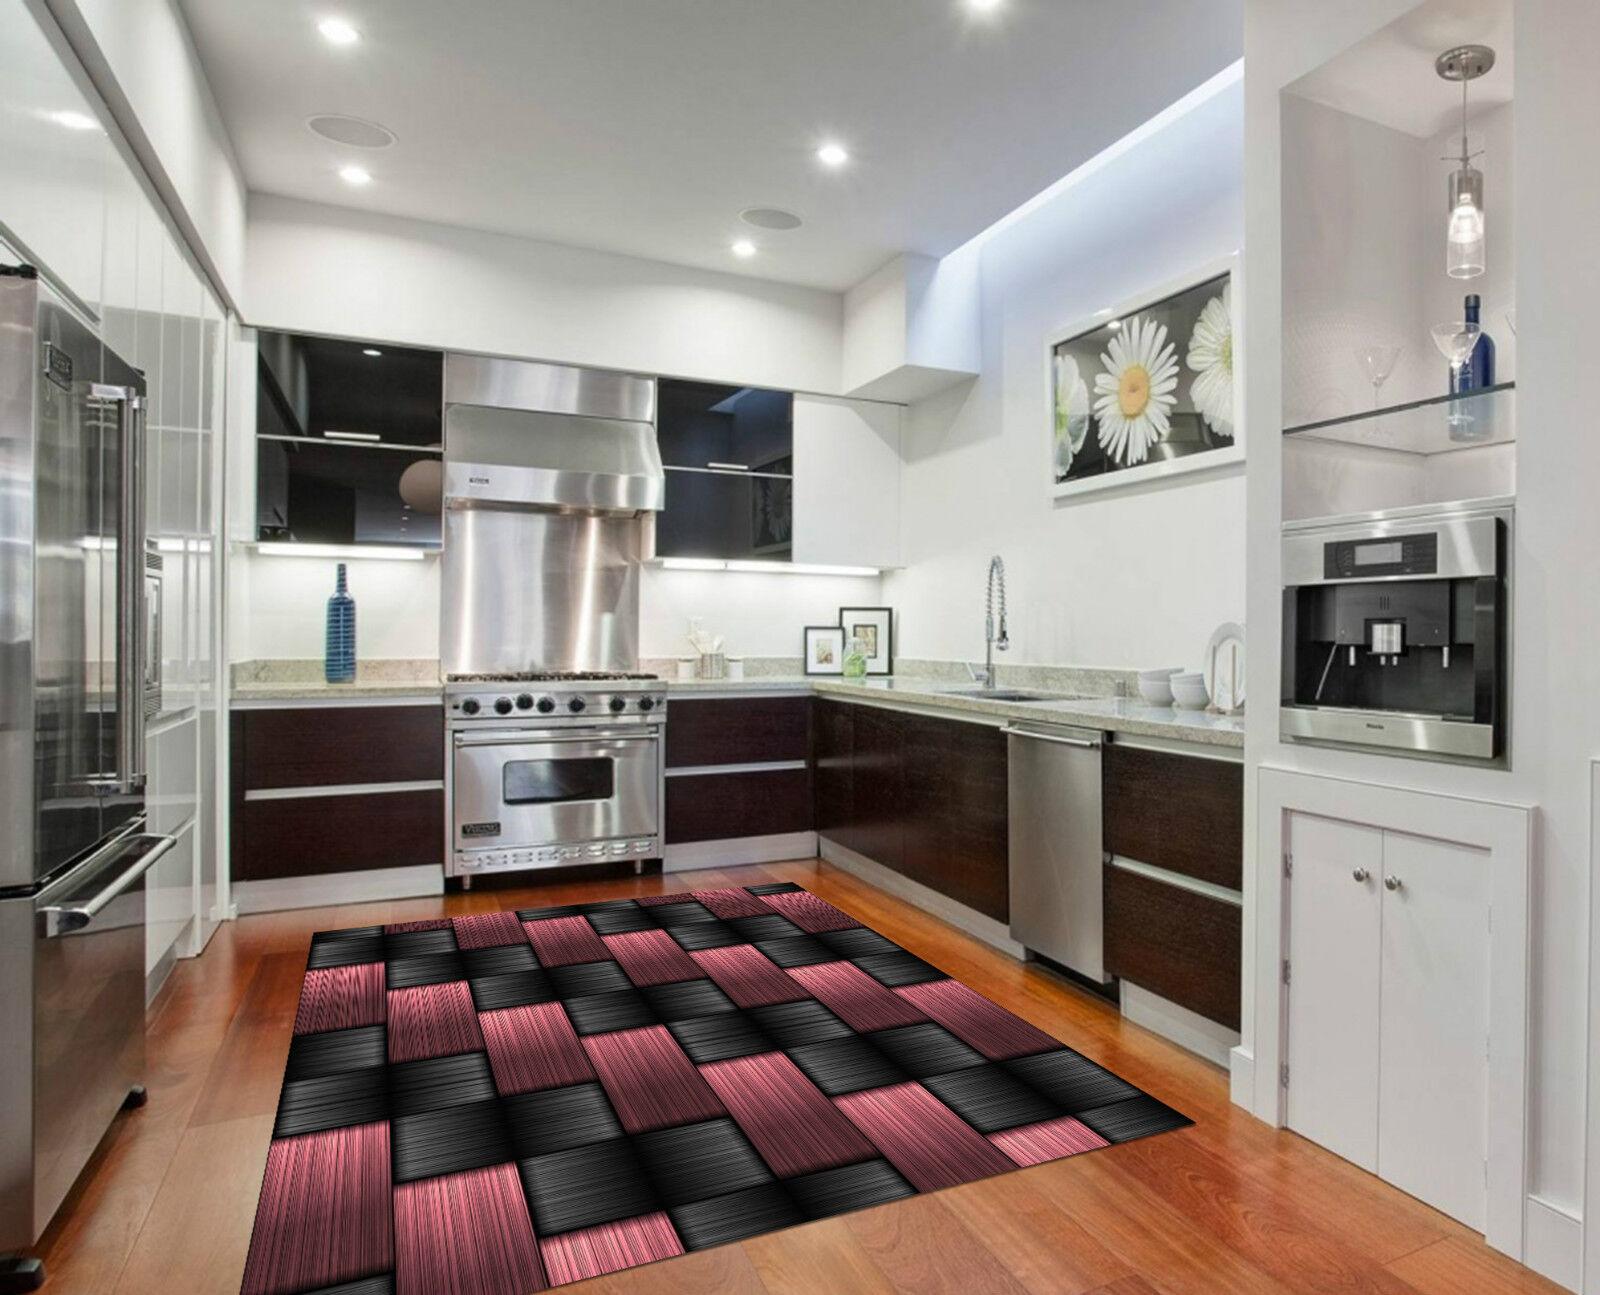 3D Braided Stripe Kitchen Mat Floor Murals Wall Print Wall Deco AJ WALLPAPER CA